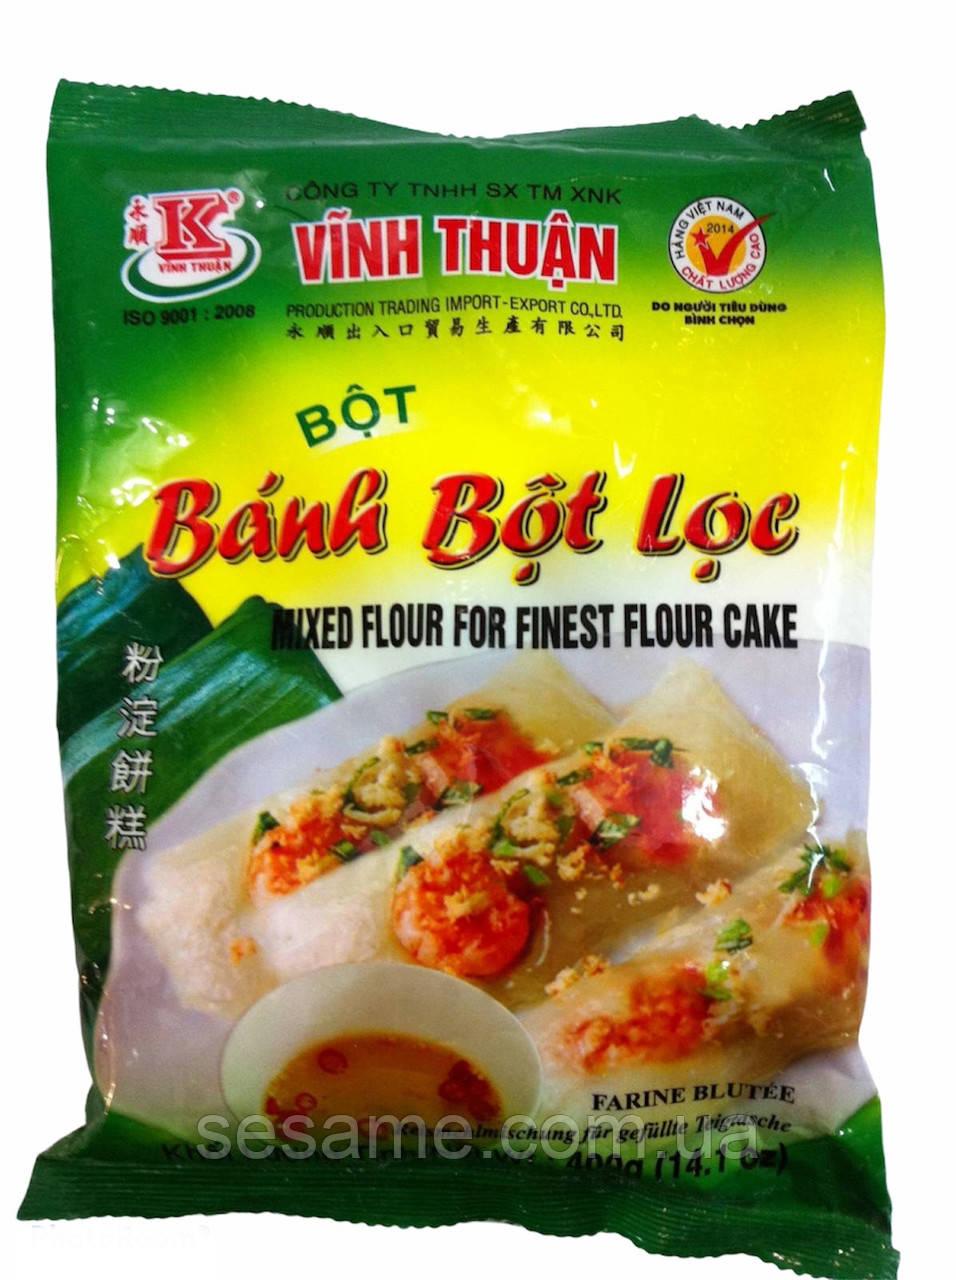 Мука из Тапиоки (BANH BOT LOC) для немов, рисовых листов , желе - 400 гр. Пр-во Вьетнам.